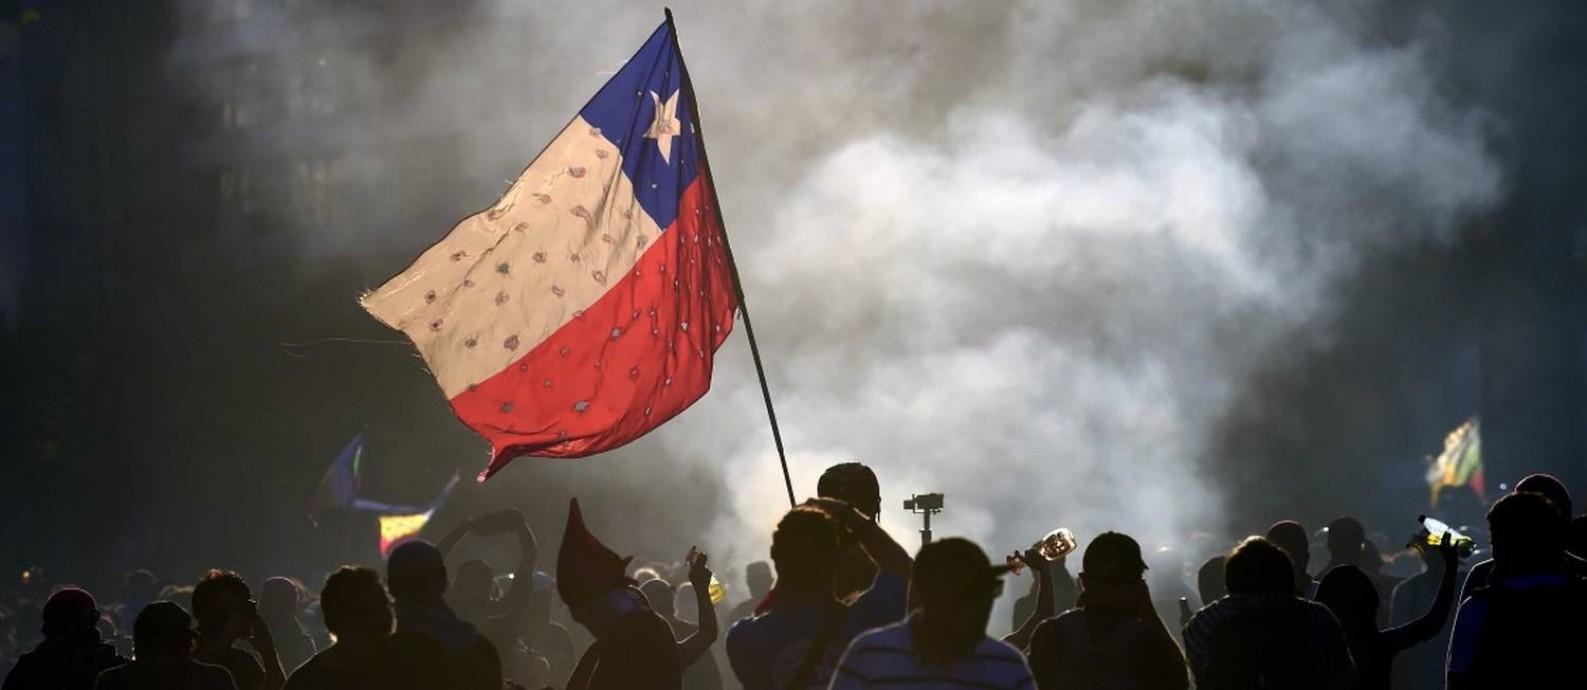 Manifestantes balançam bandeira do Chile em frente a incêndio em Santiago Foto: JOHAN ORDONEZ / AFP 23-11-19